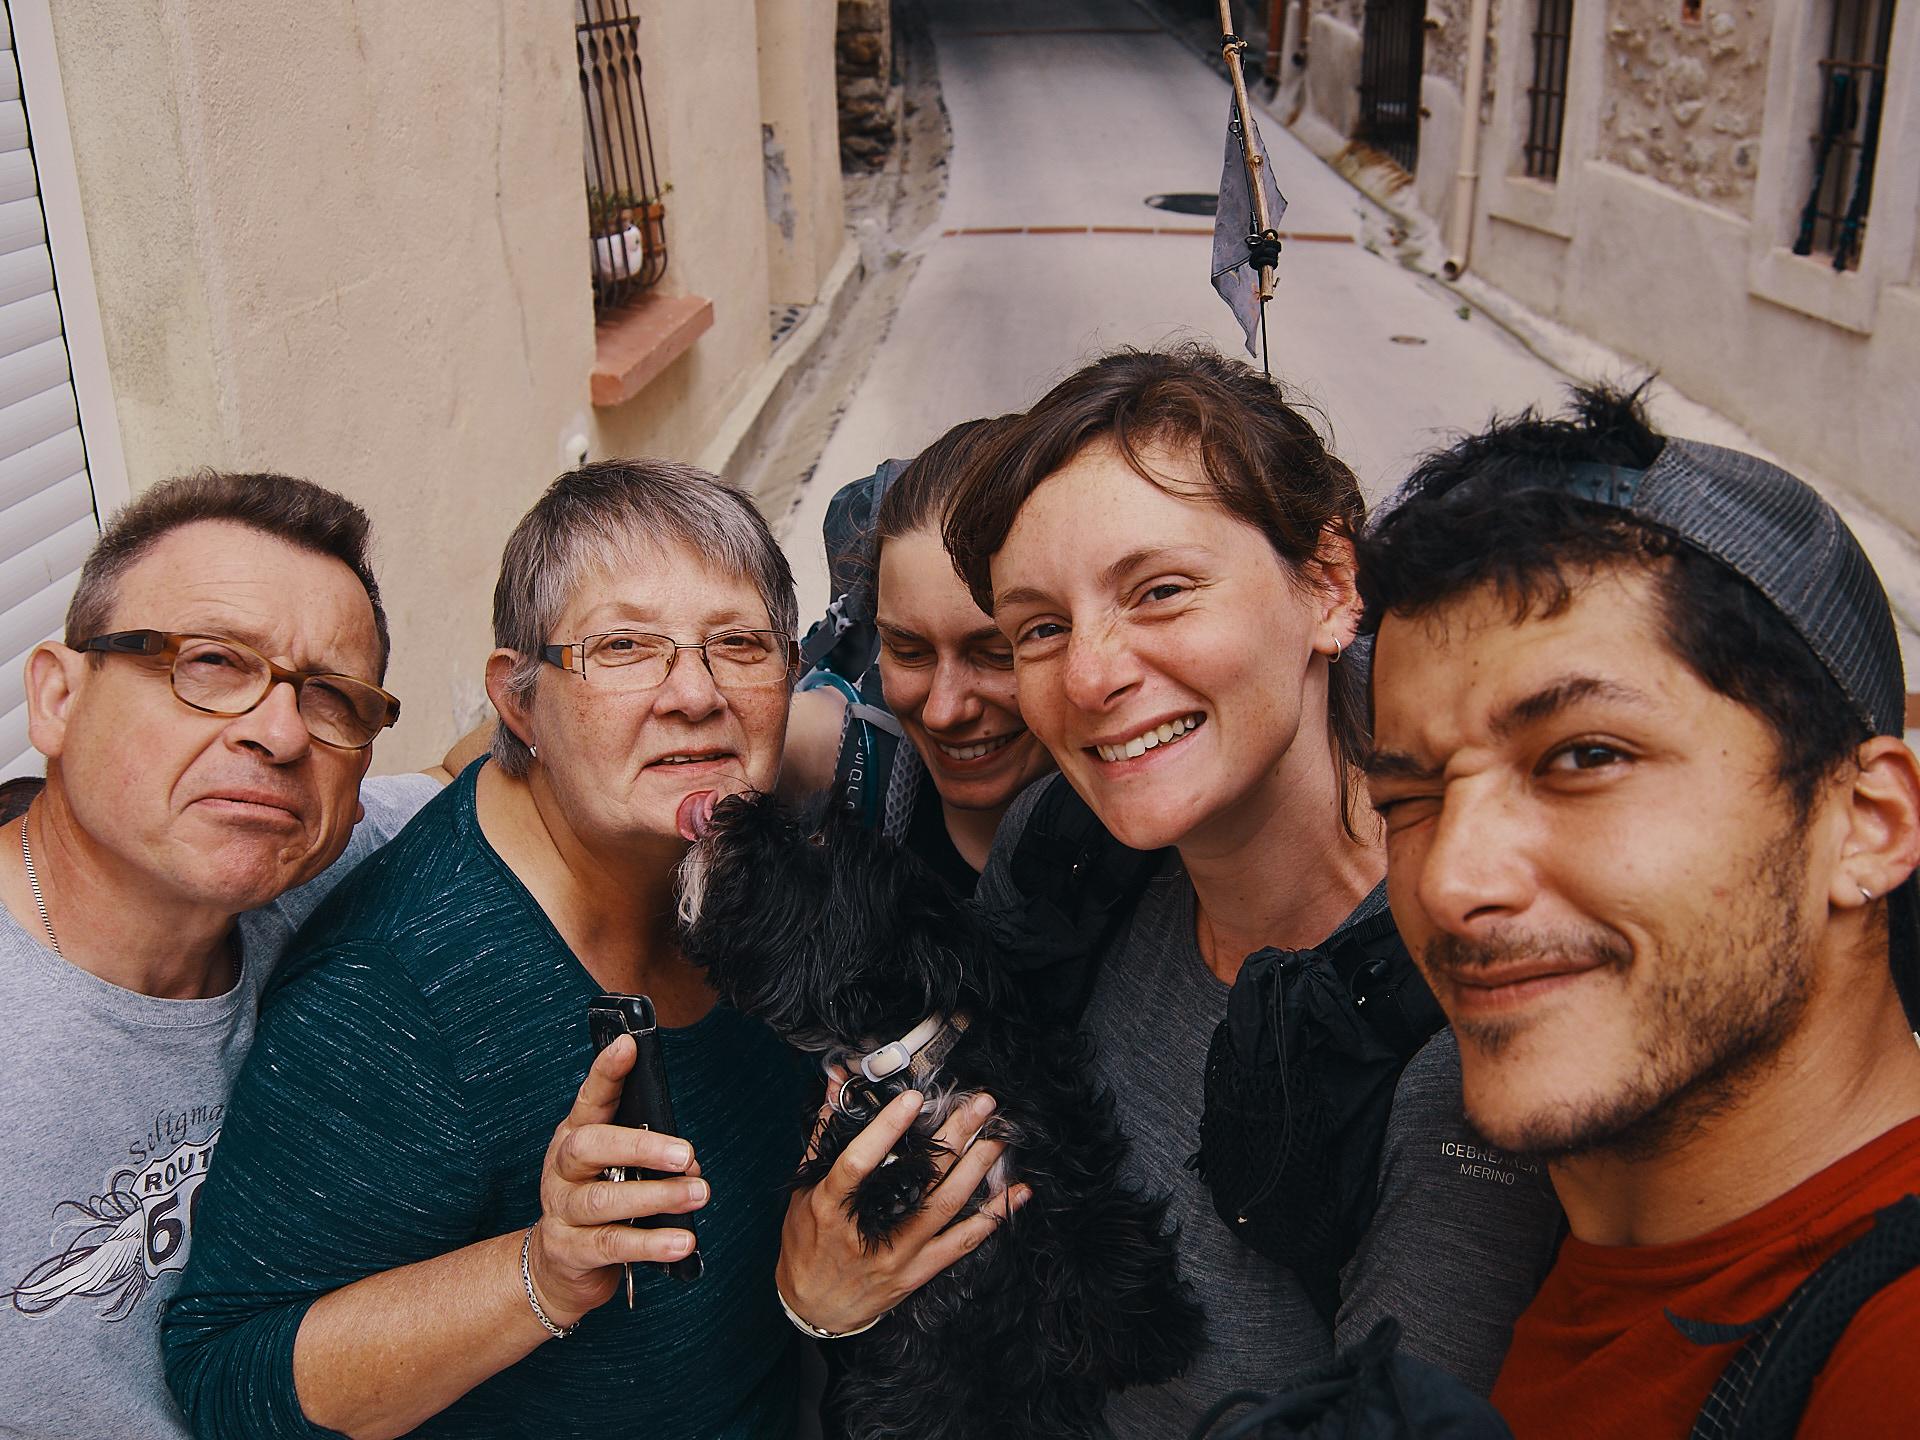 2PVA - FRANCE -mai 27 2018 - 054